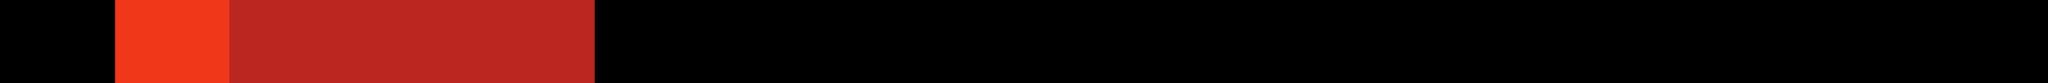 Baugroup Logo Balken